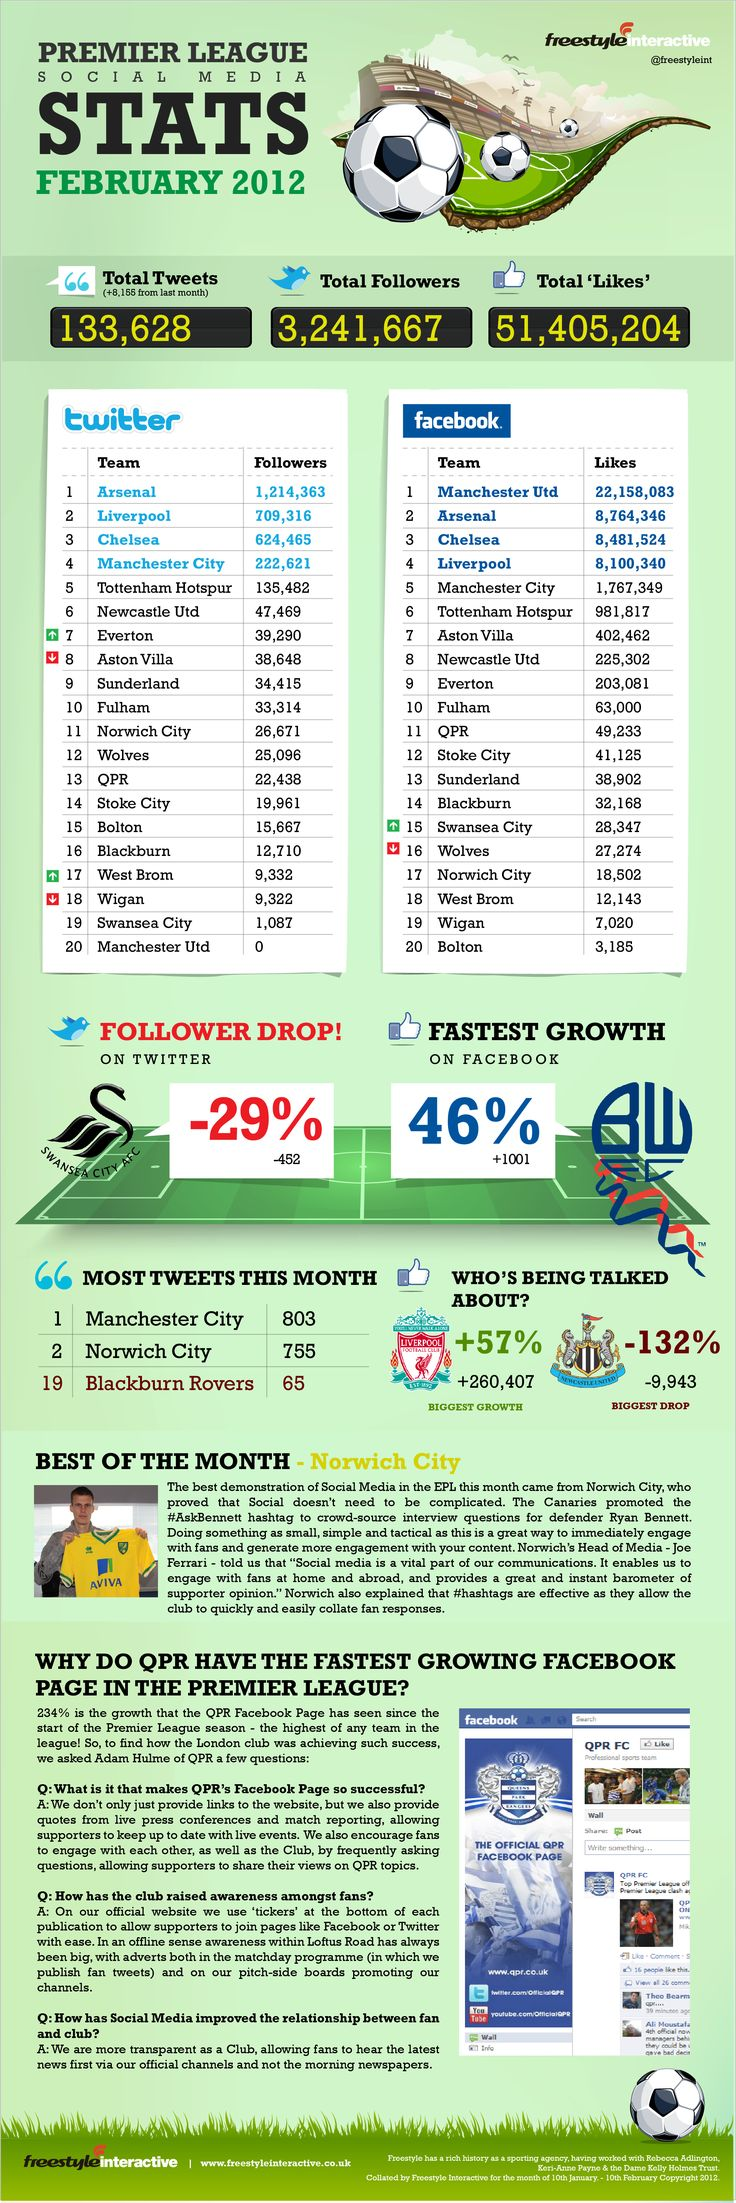 Die nackten Zahlen sind nicht alles, aber was zum Teufel musste passieren dass 30% der Follower sich von einem Klub verabschiedet haben?